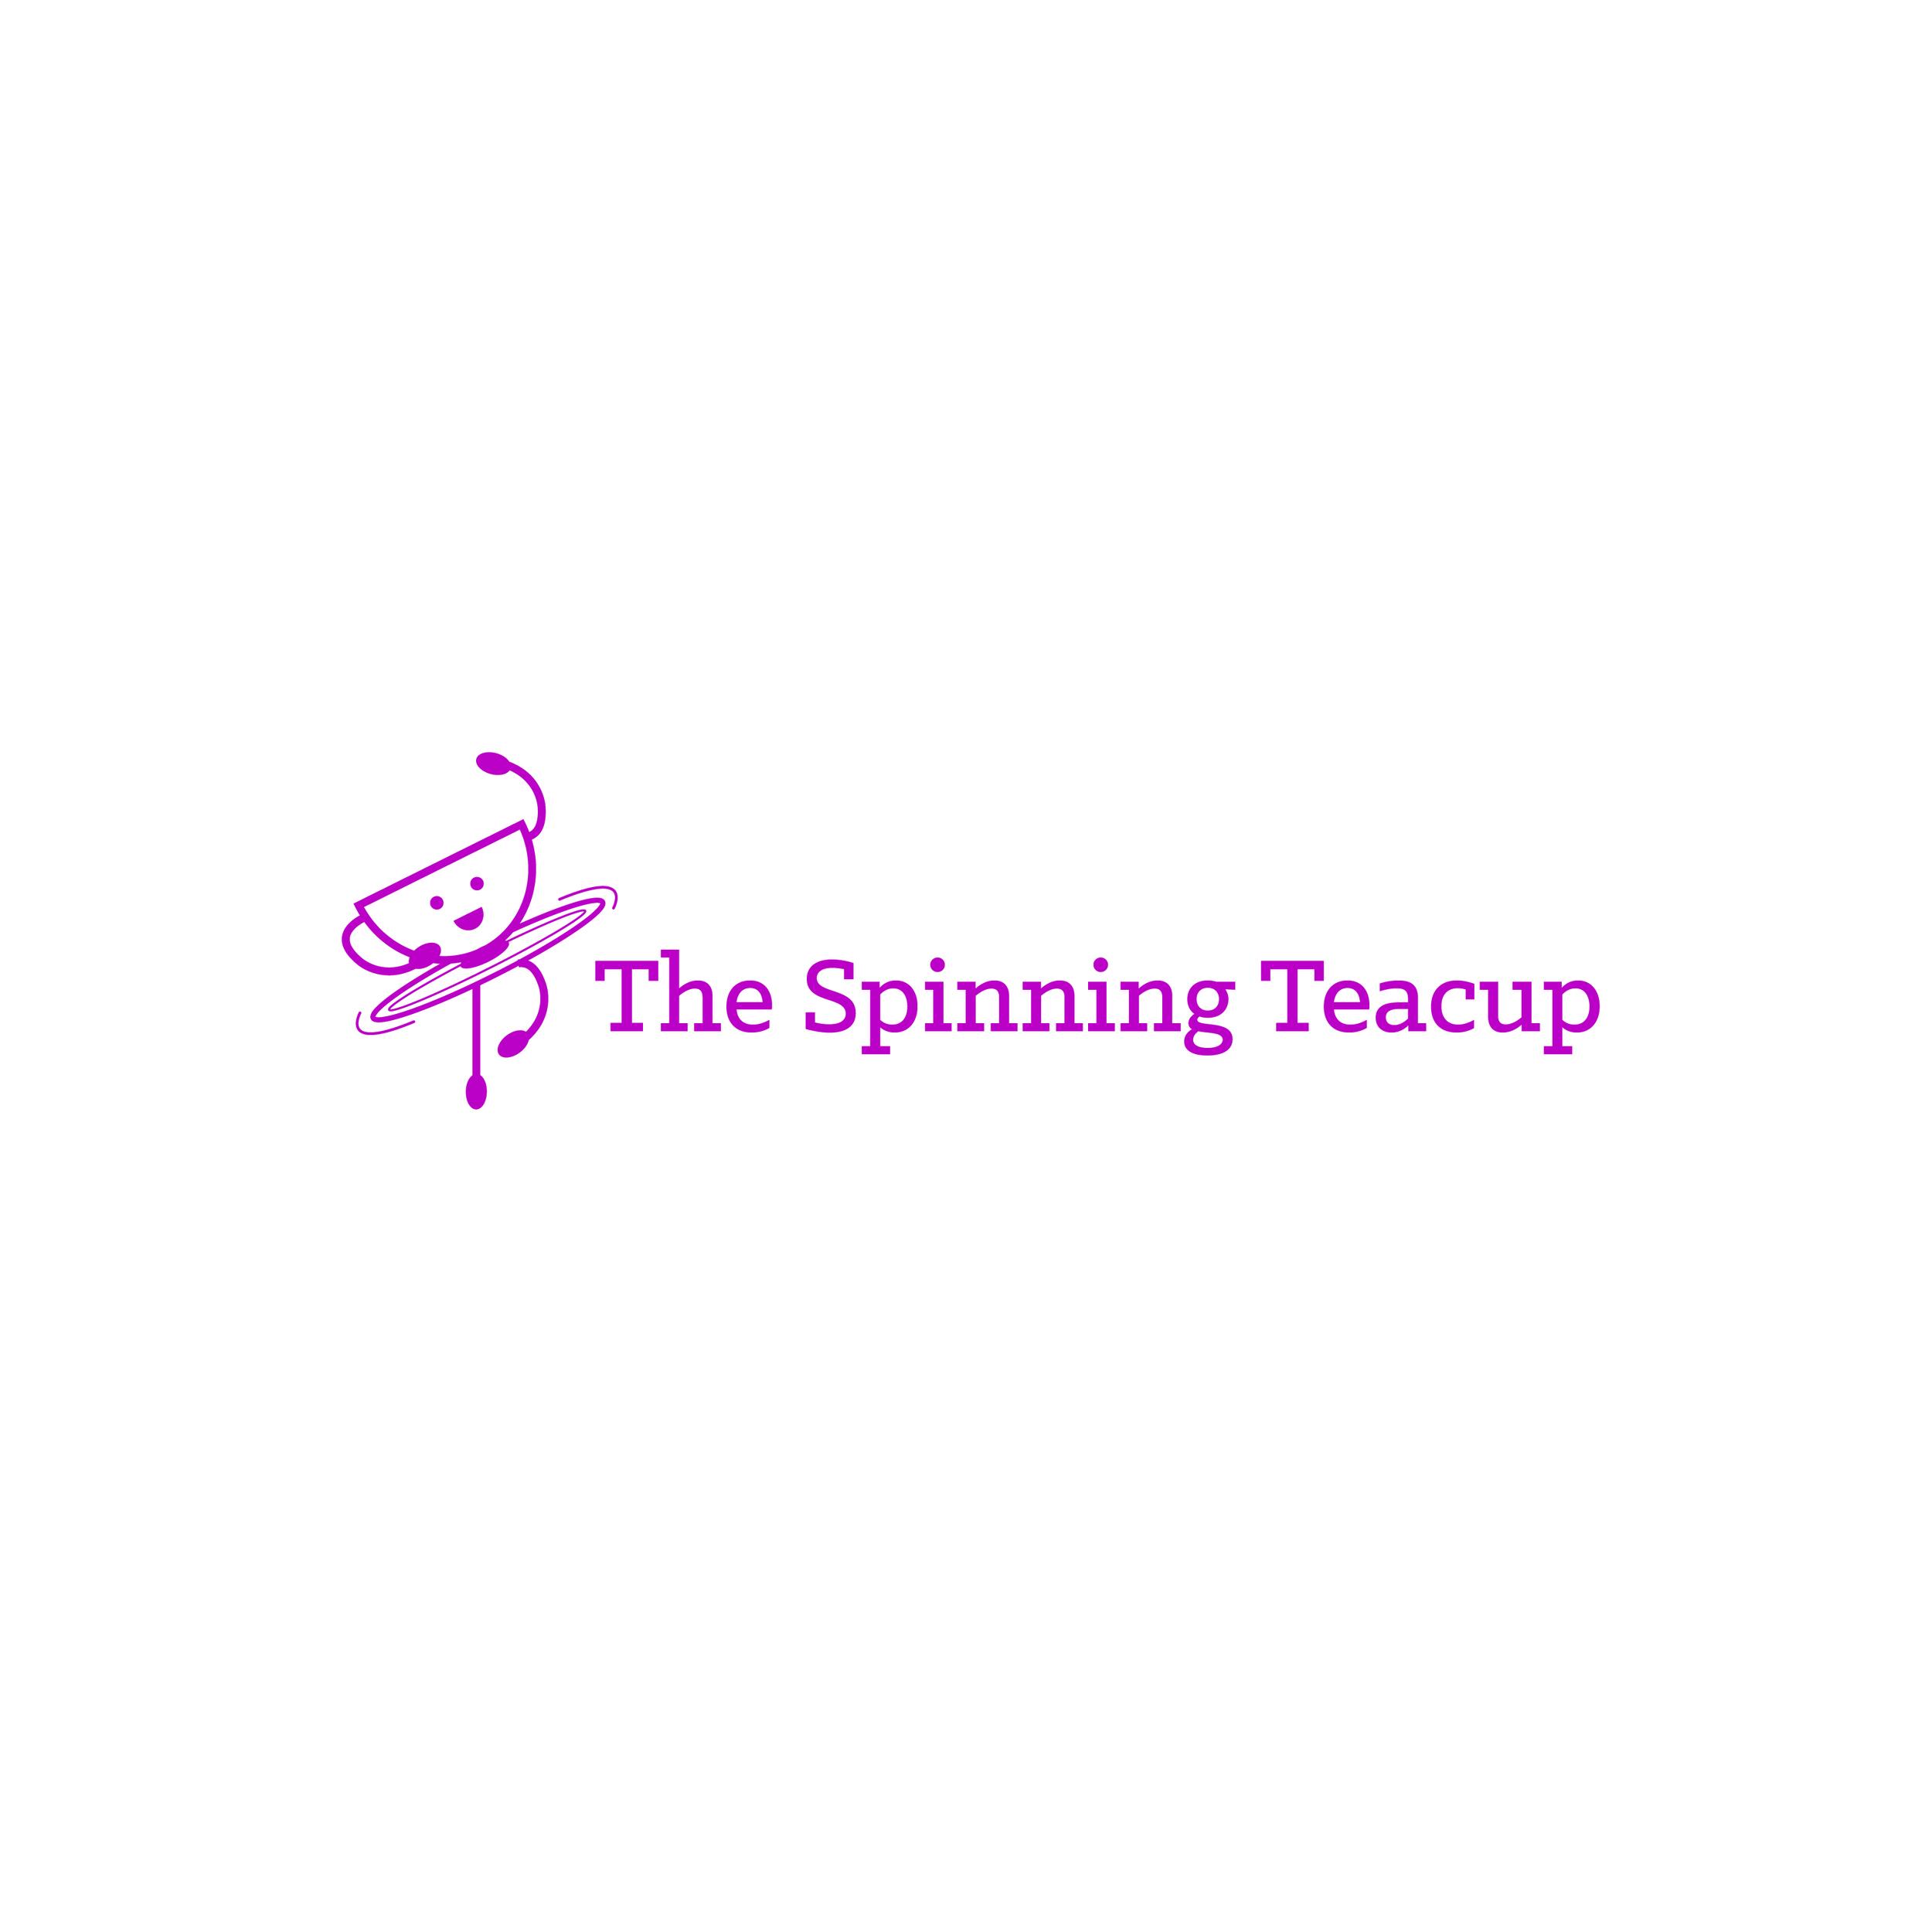 SpinningTeacupLogo.jpg